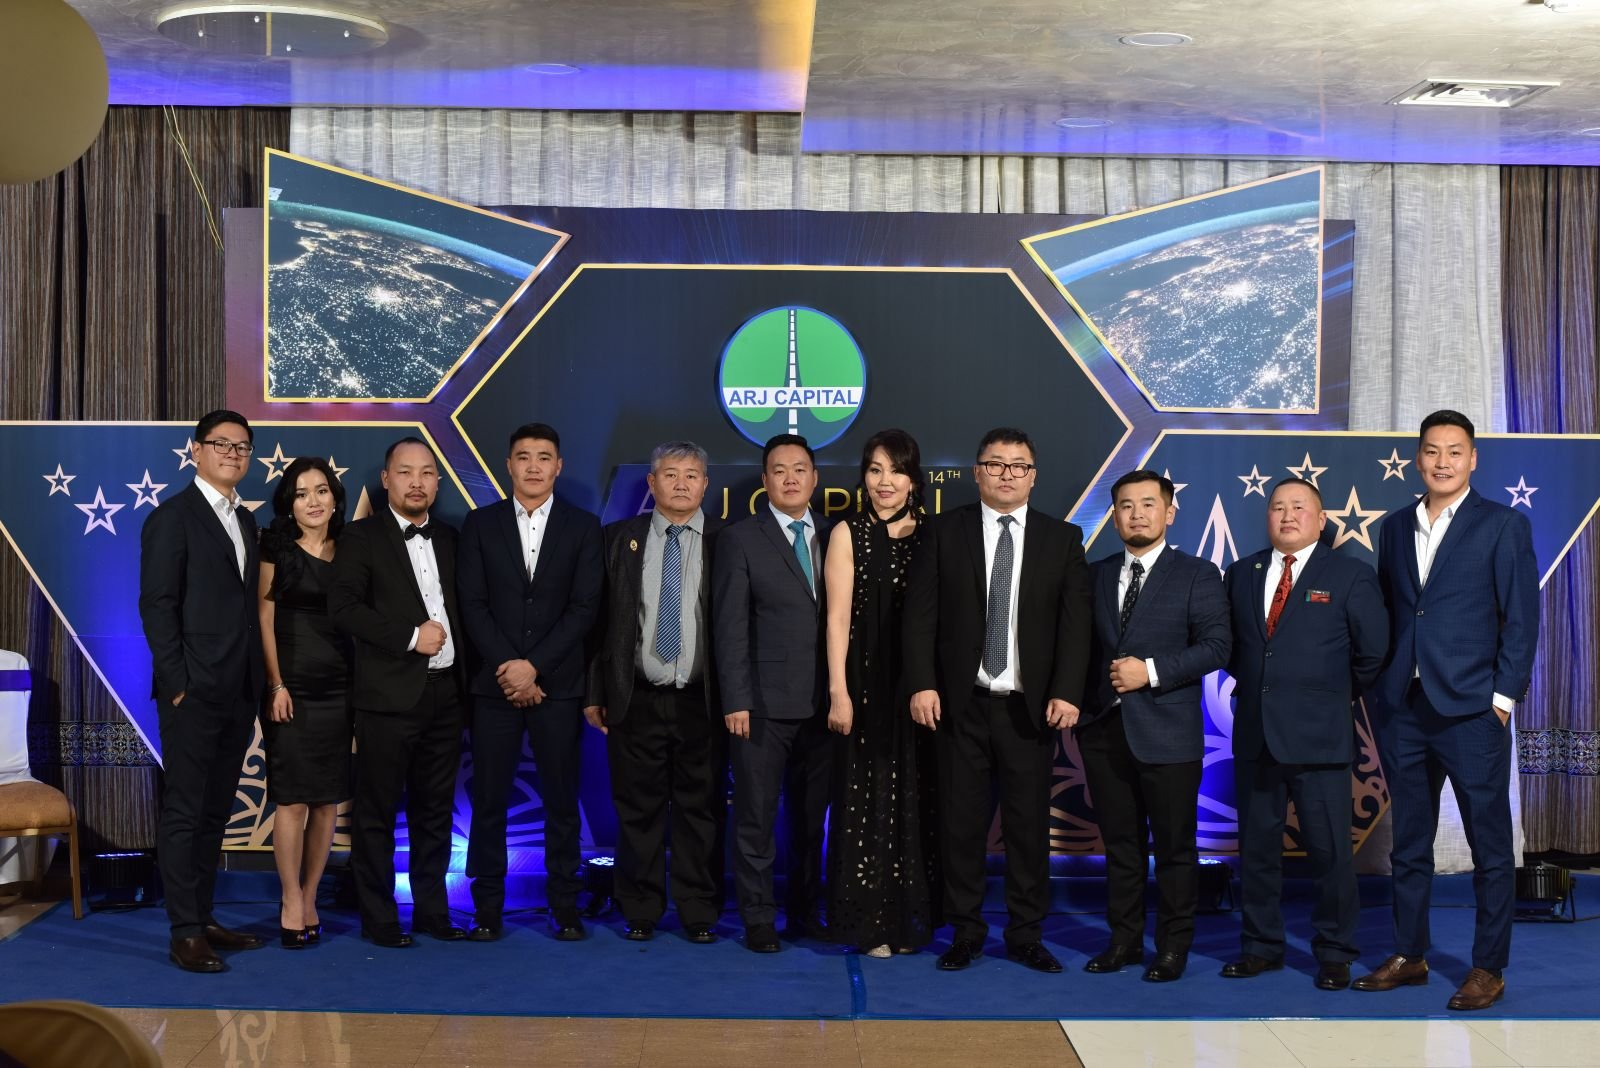 Арж капитал компаний шинэ жилийн цэнгүүн 2018 – 2019